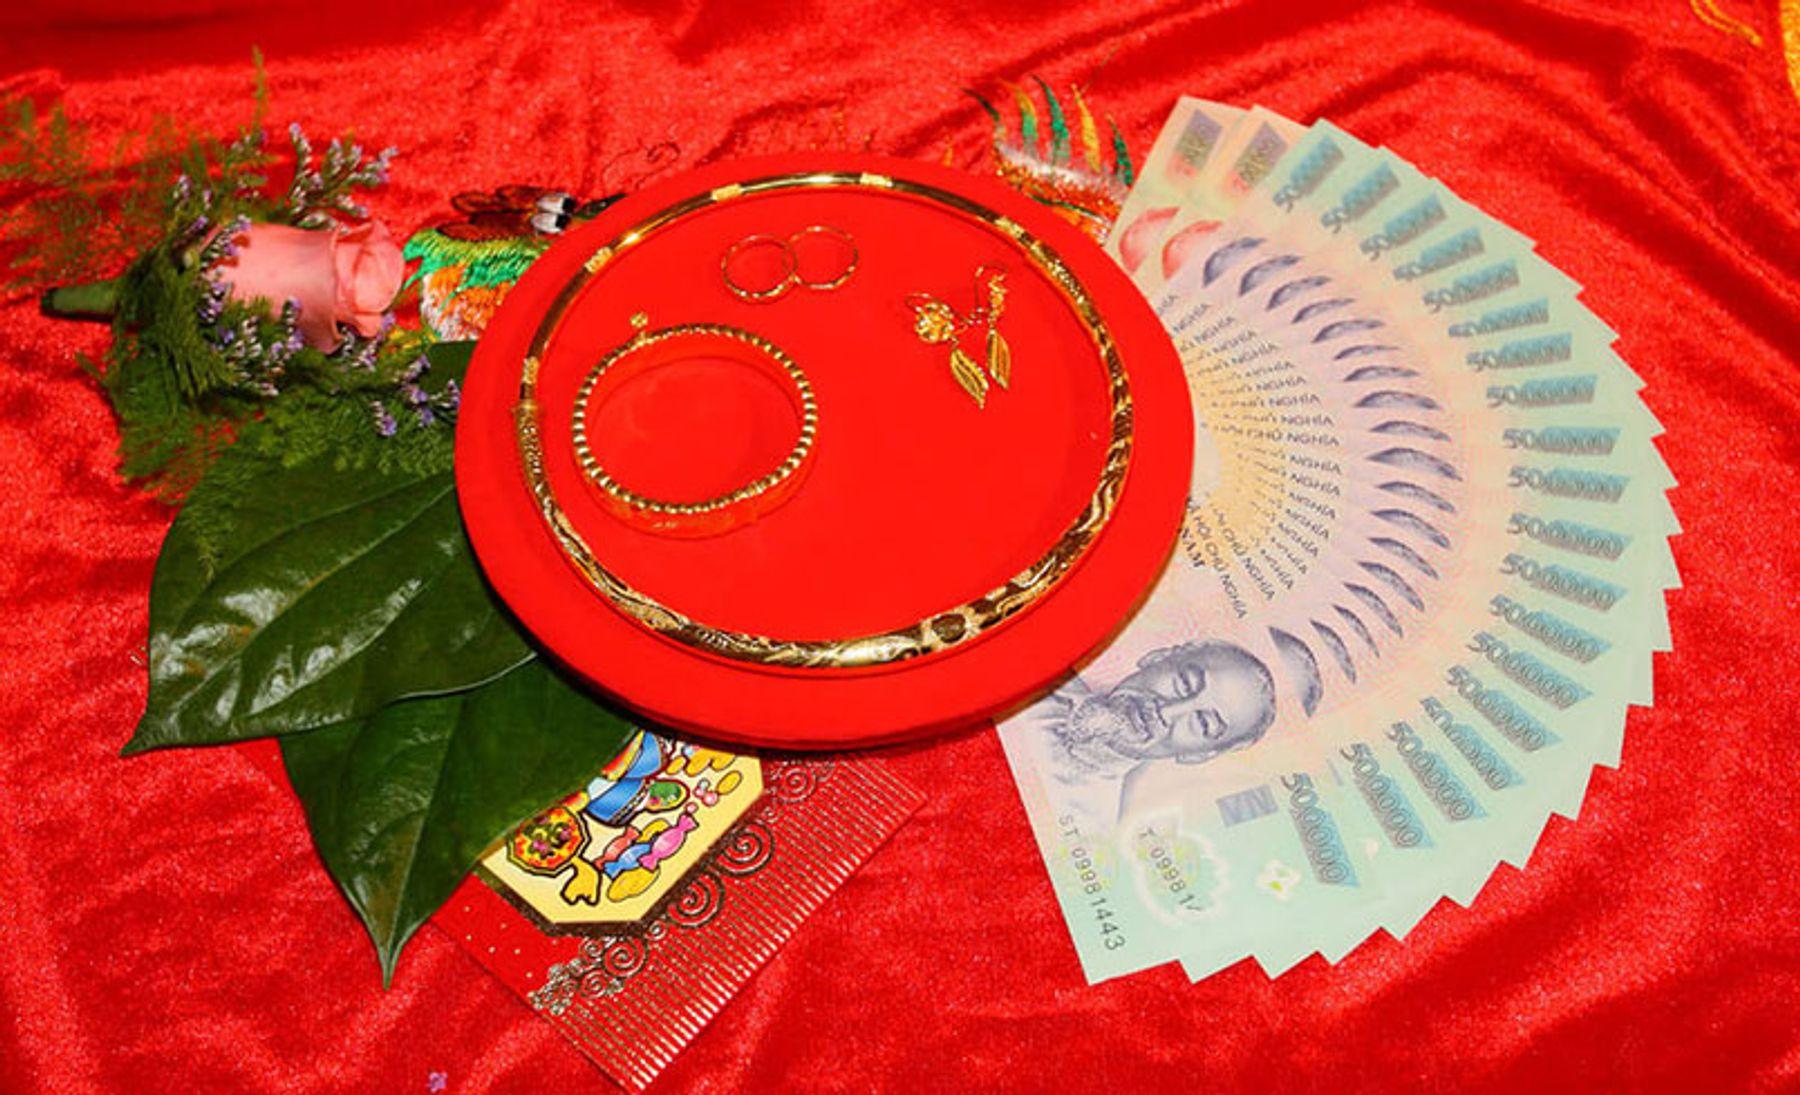 Step 1: Tiền đen nạp tài, vàng cưới: kiềng, bông tai, vòng tay, nhẫn cưới cần có trong lễ cưới hỏi